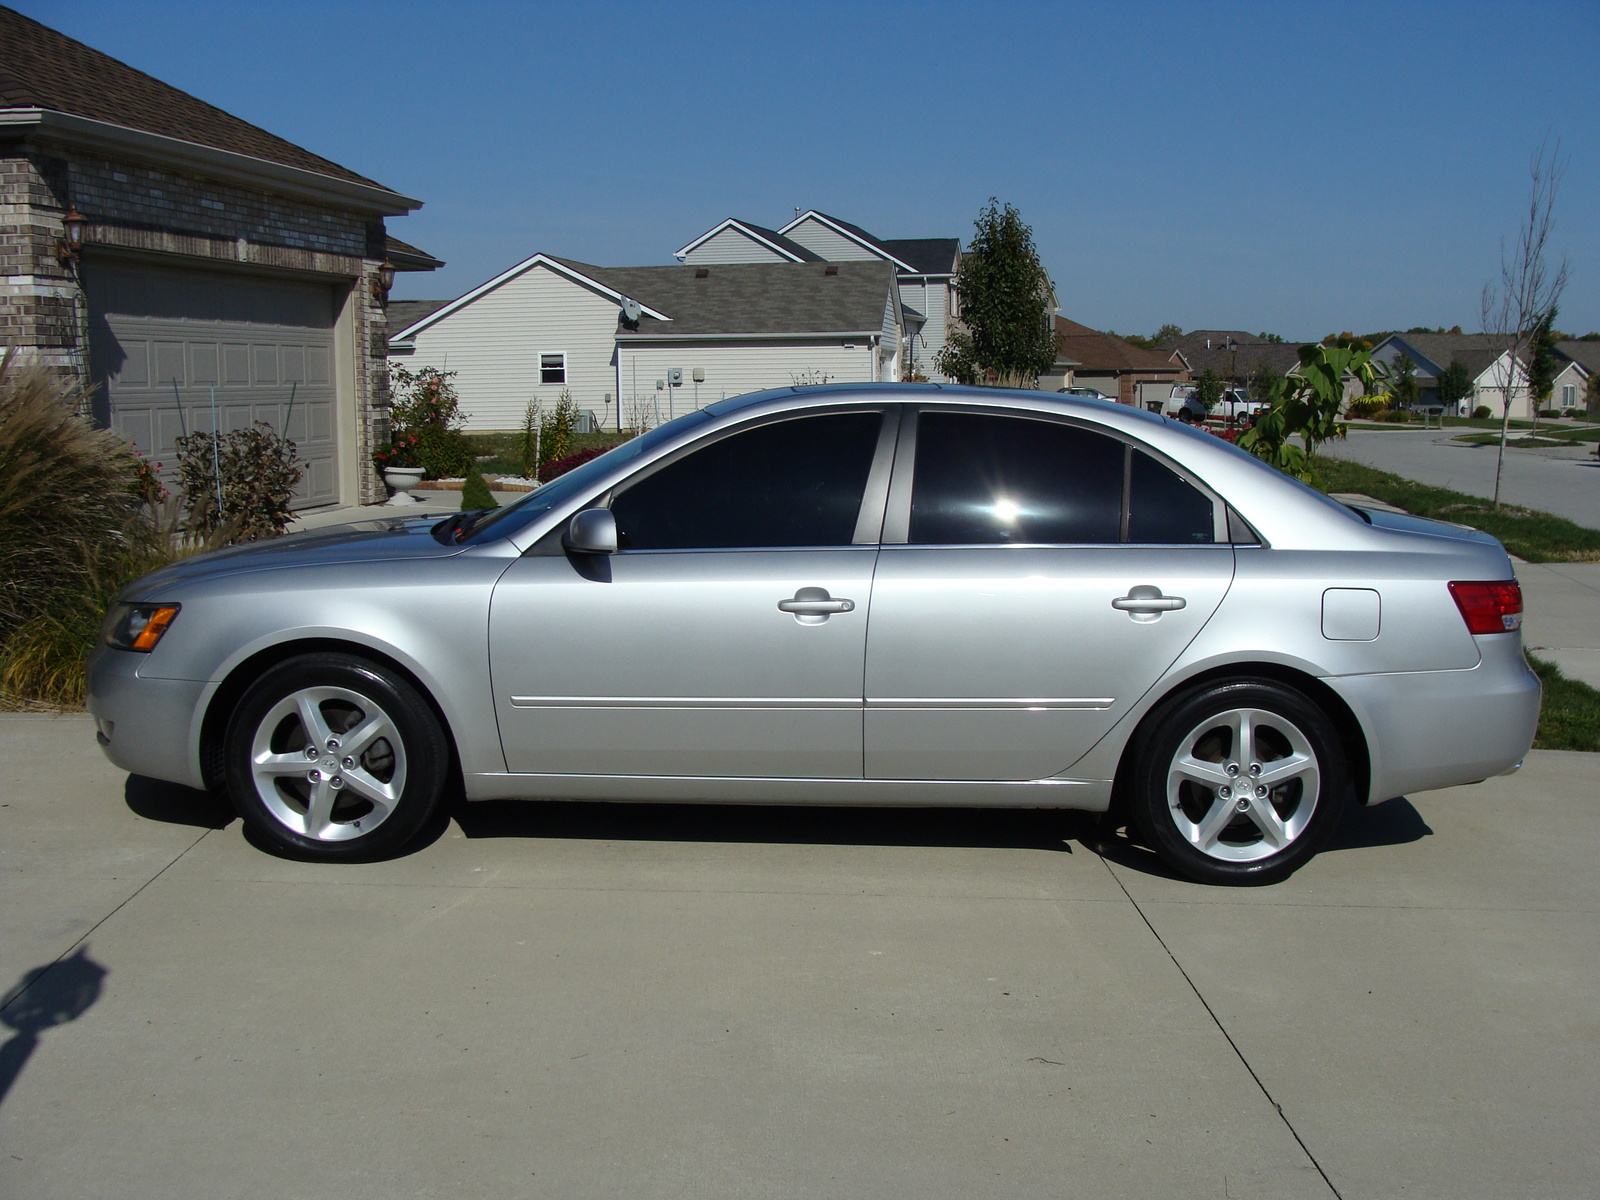 2007 Hyundai Sonata #15 Hyundai Sonata #15